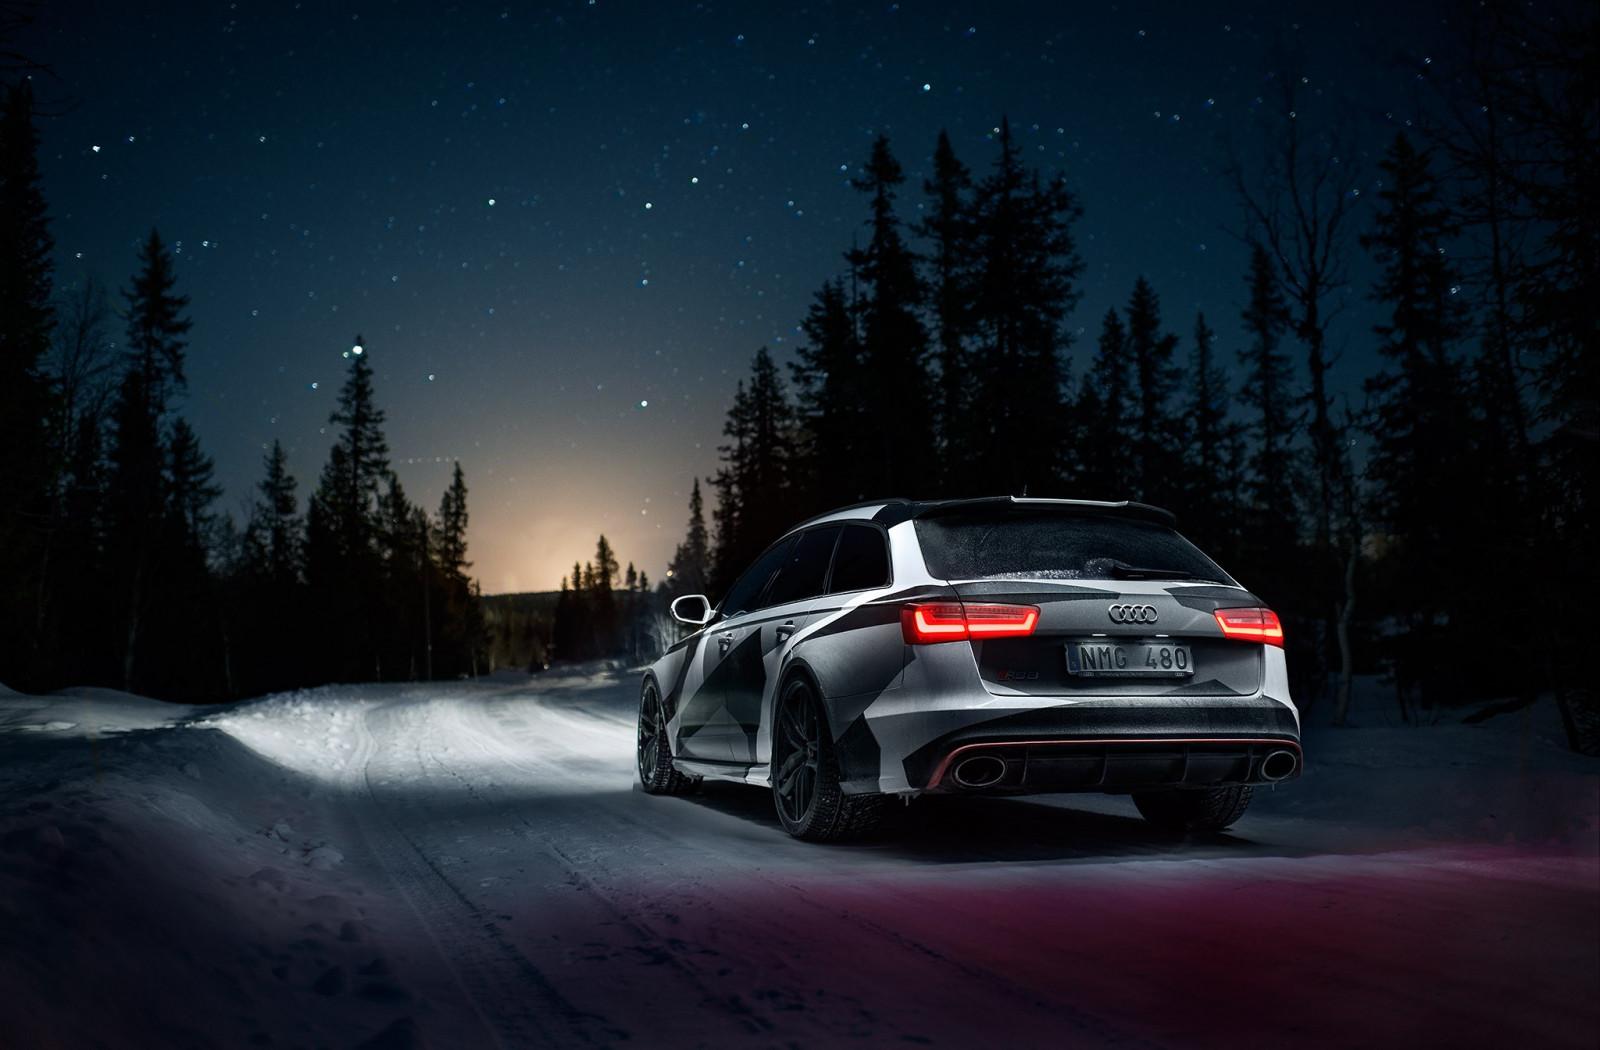 Fond d'écran : nuit, neige, véhicule, Audi quattro, Quattro, voiture de sport, Audi RS6 Avant ...